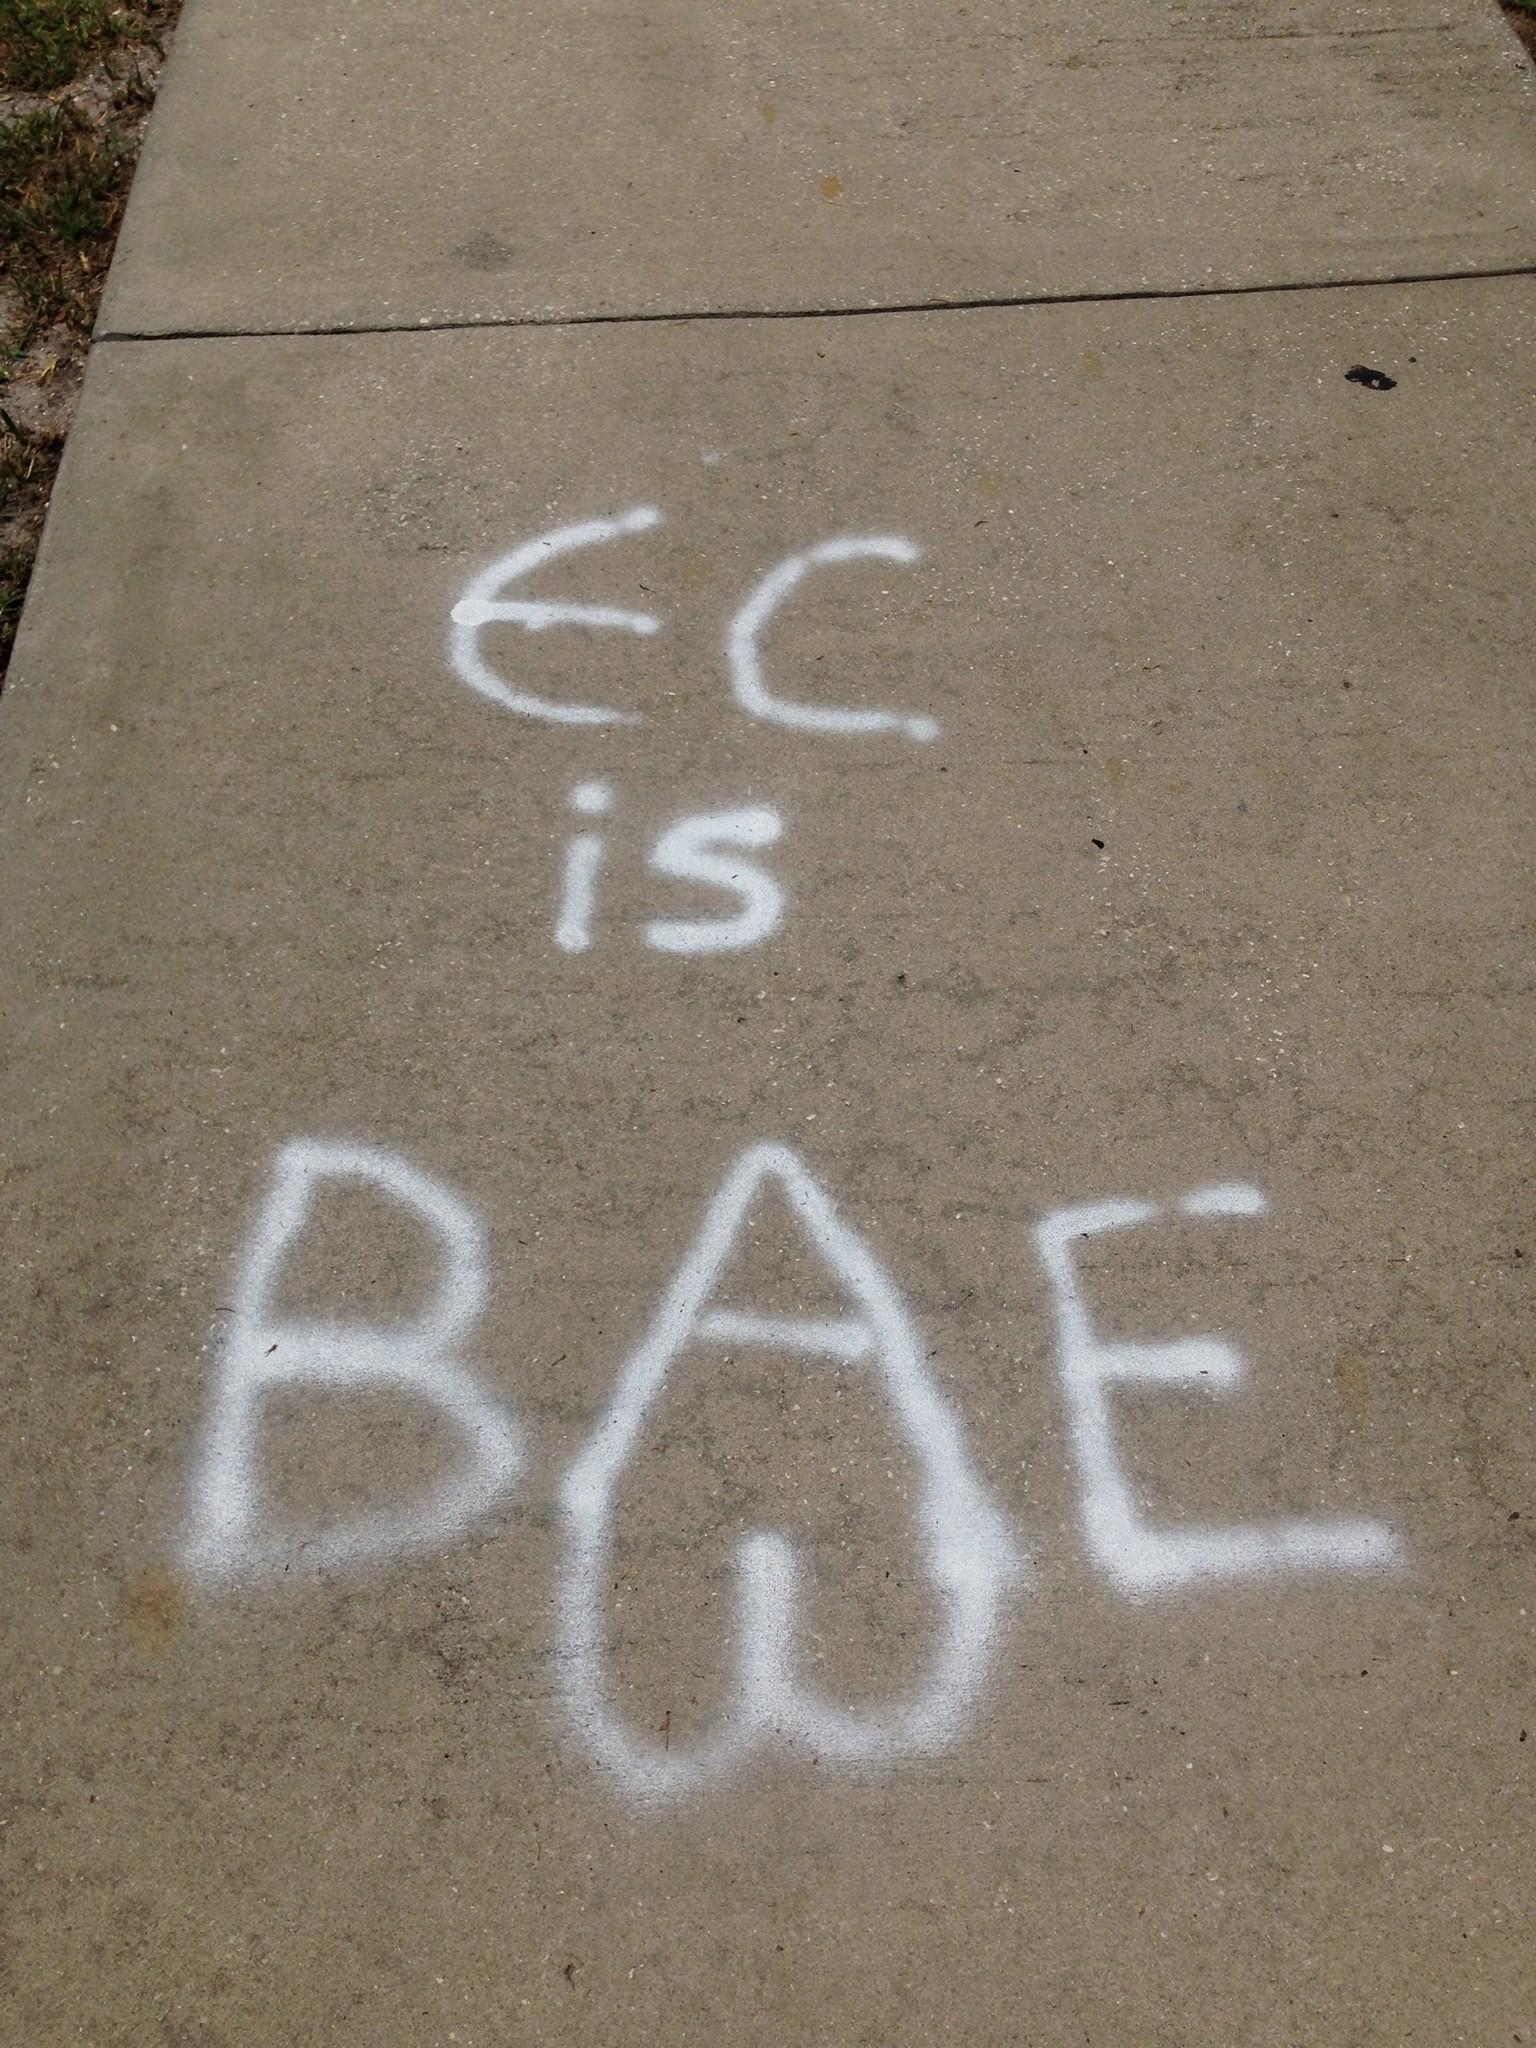 eckerd-college-more-just-university-educ